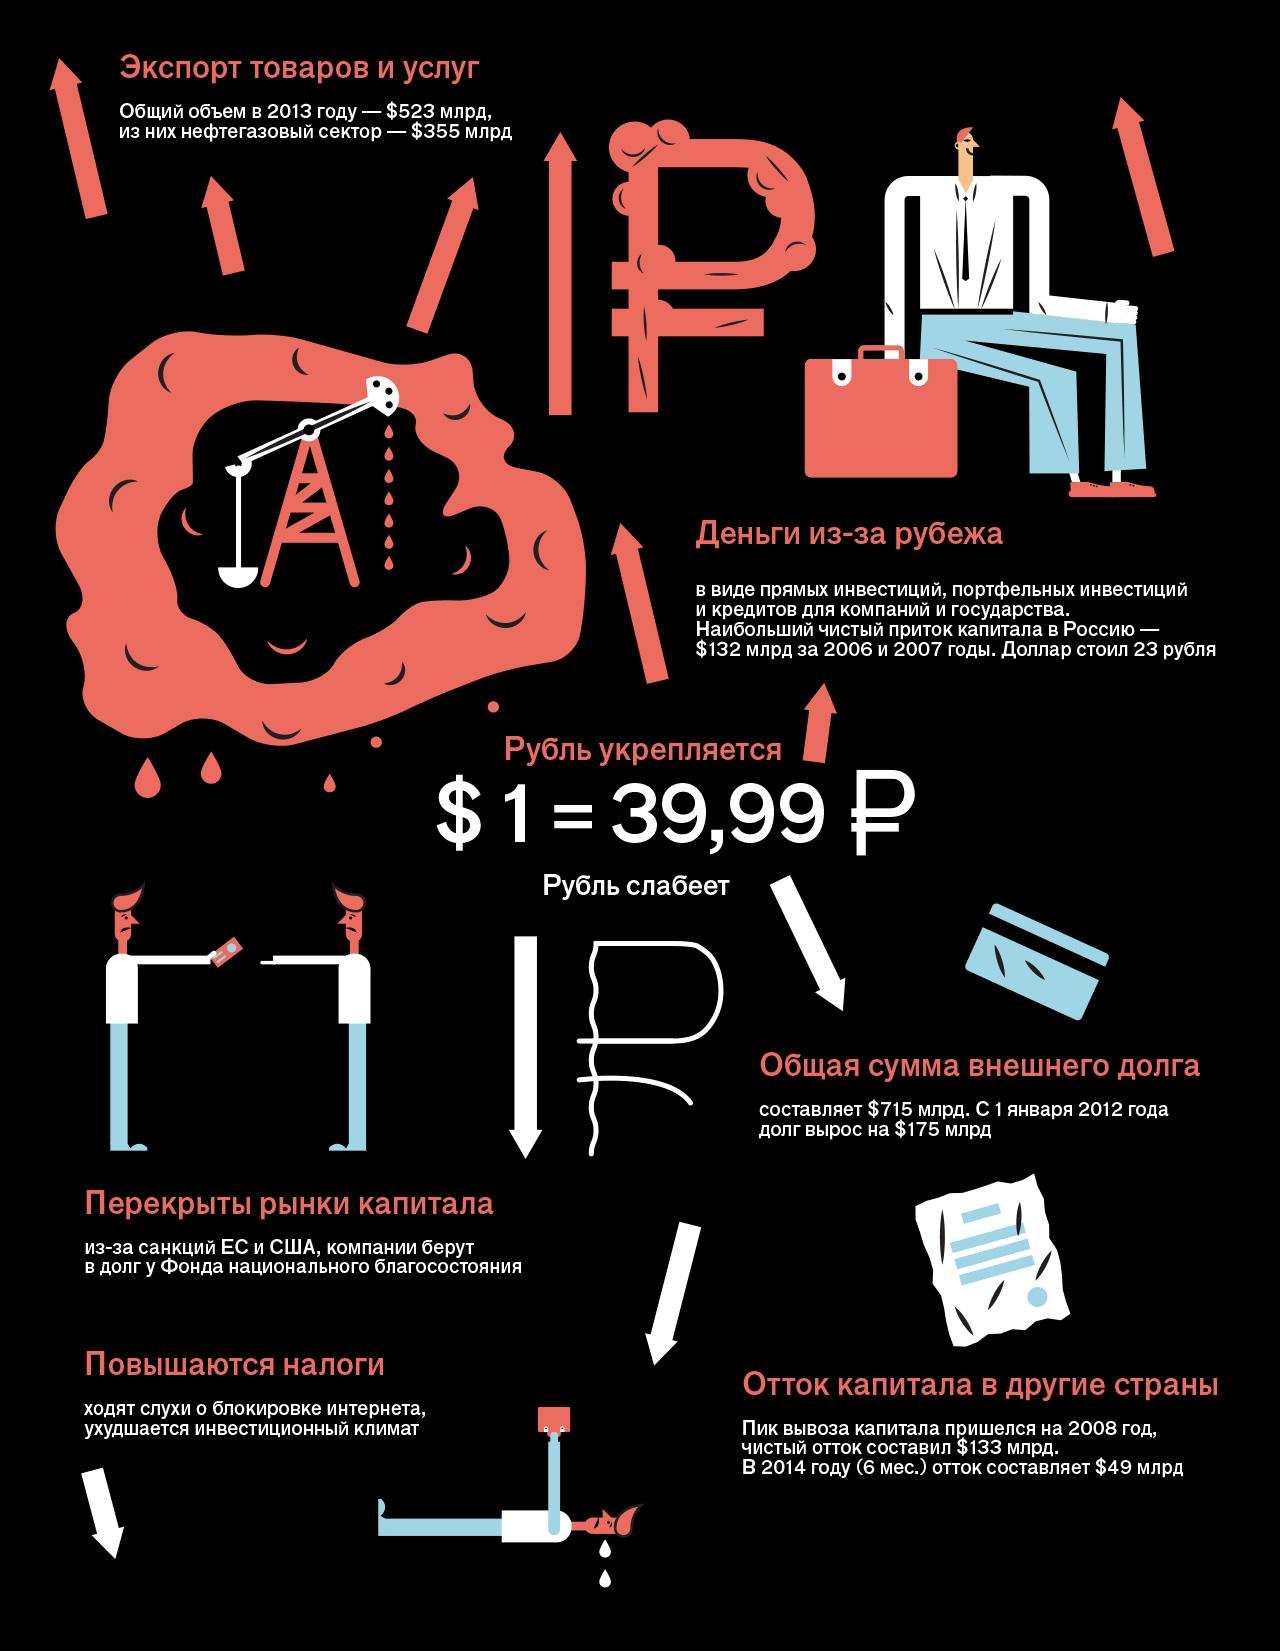 Какие факторы влияют на курс рубля